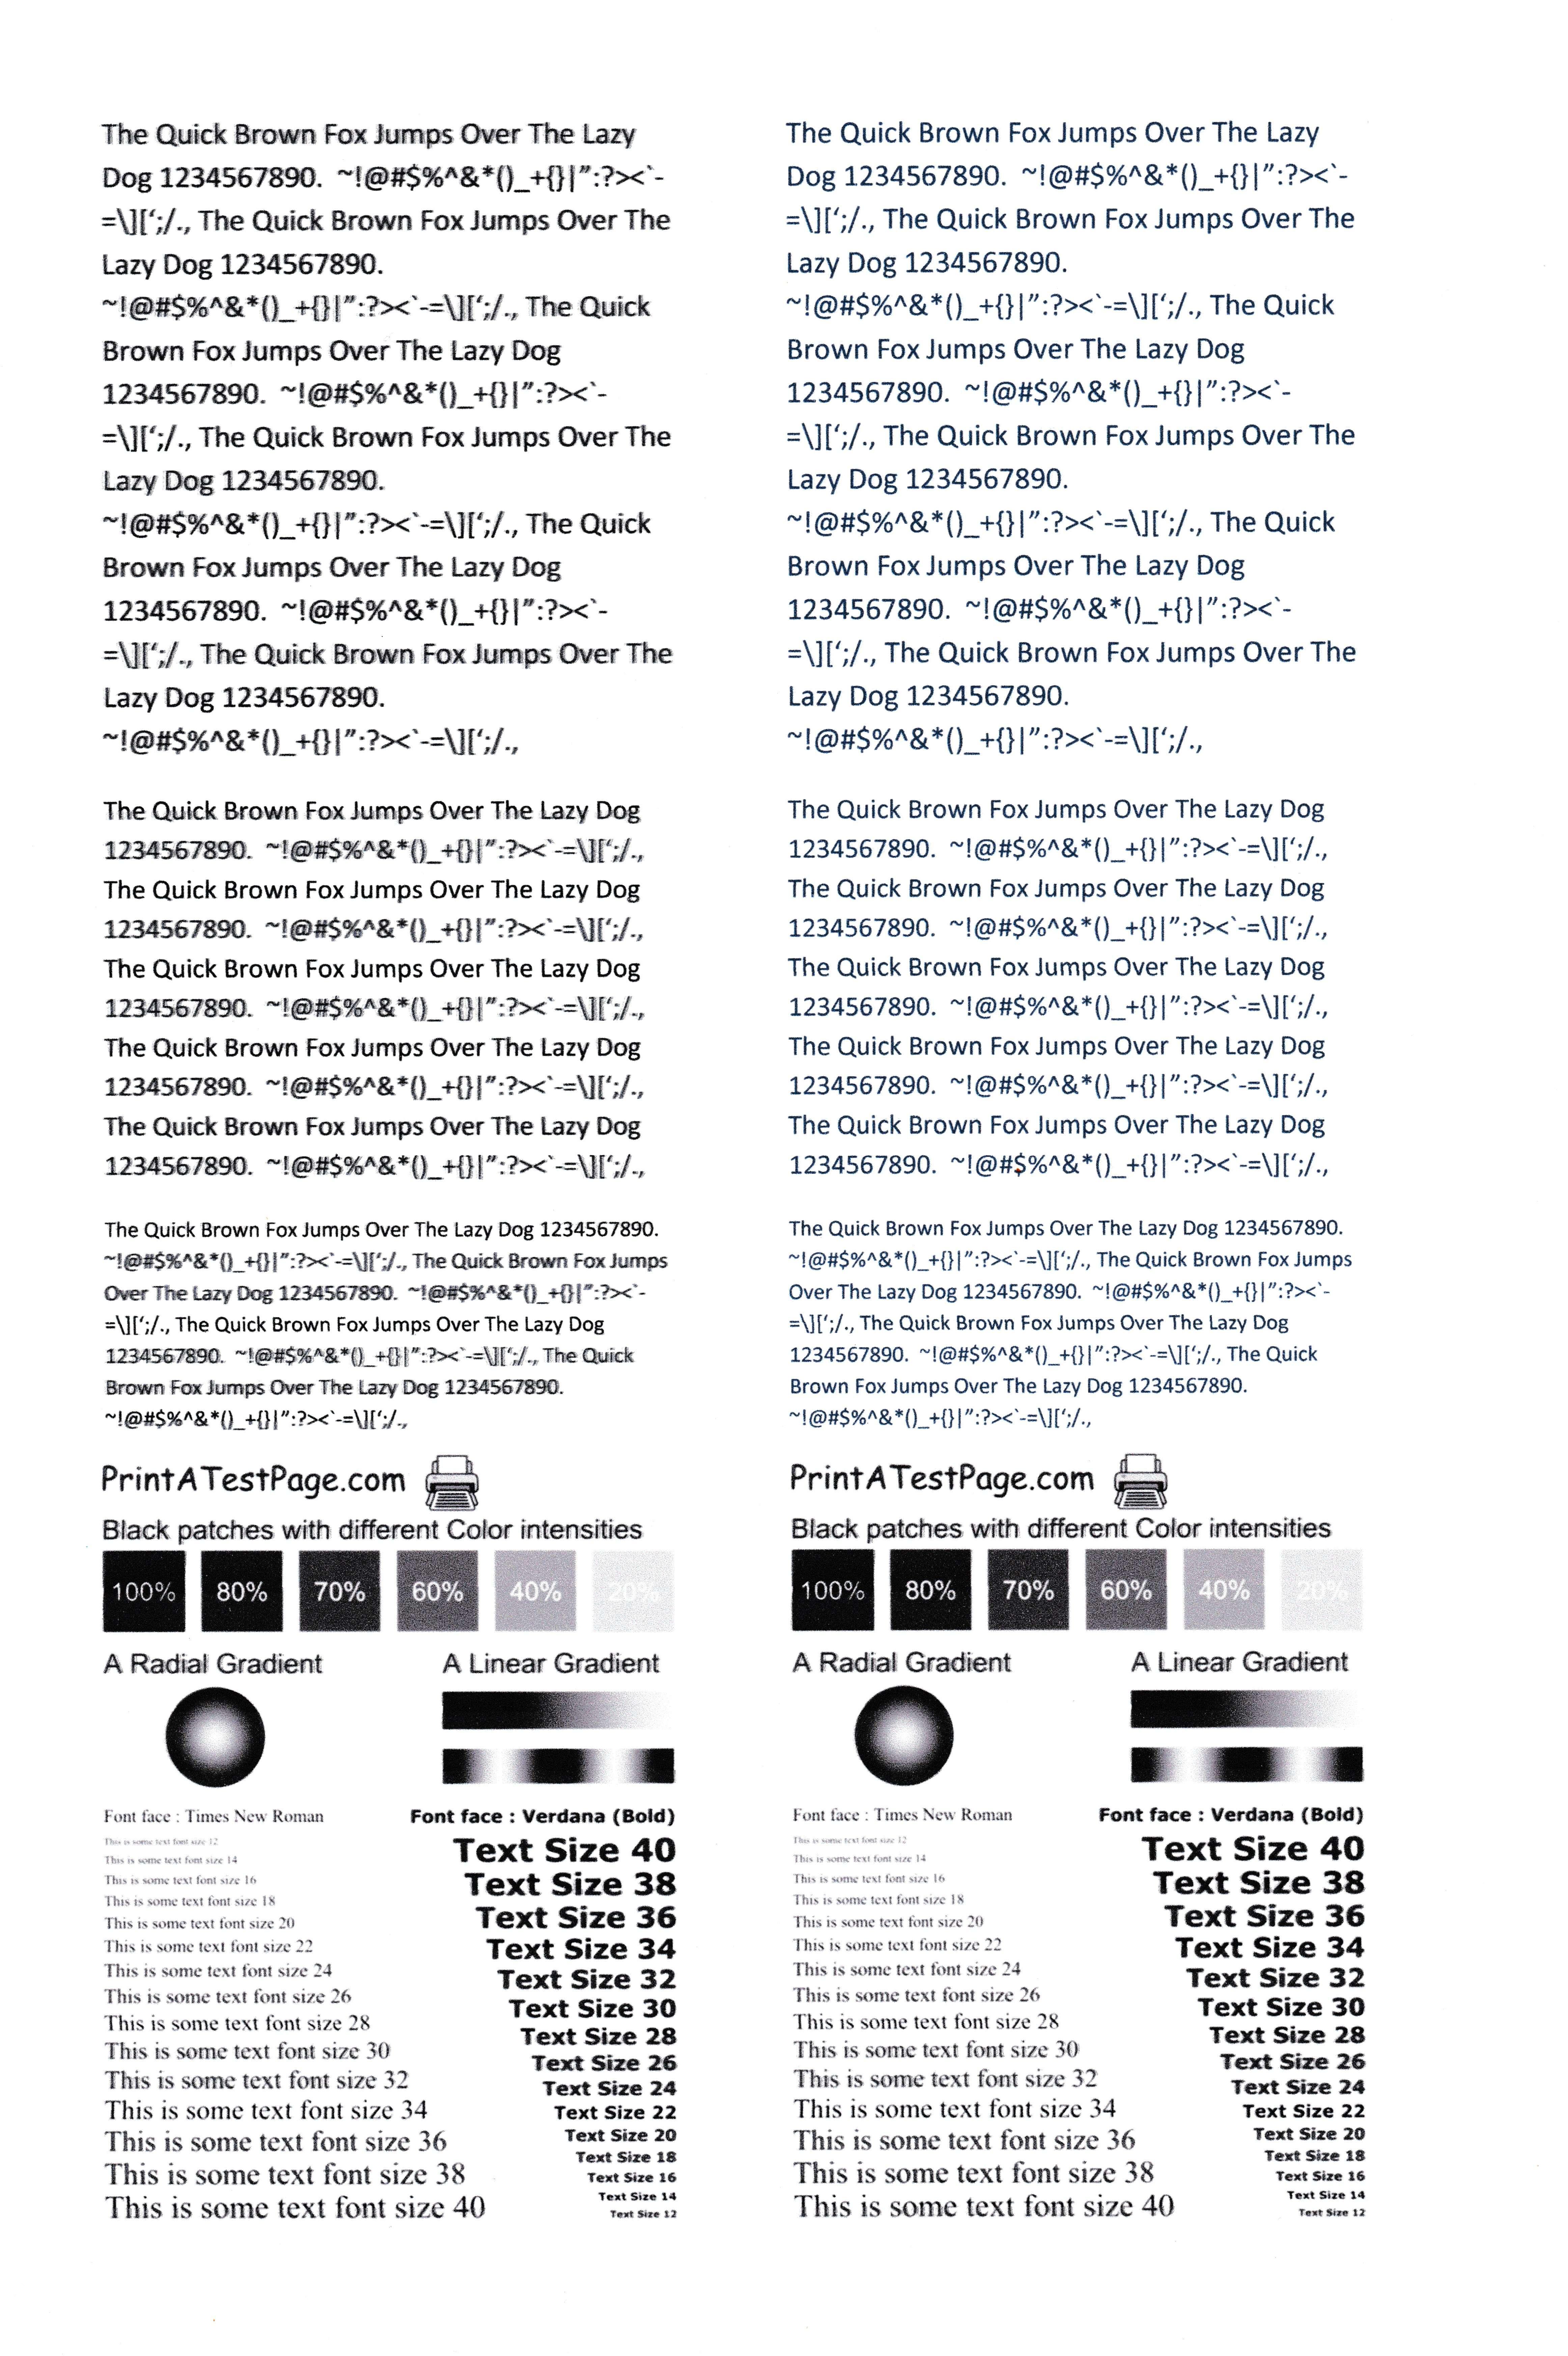 Test Page Printout